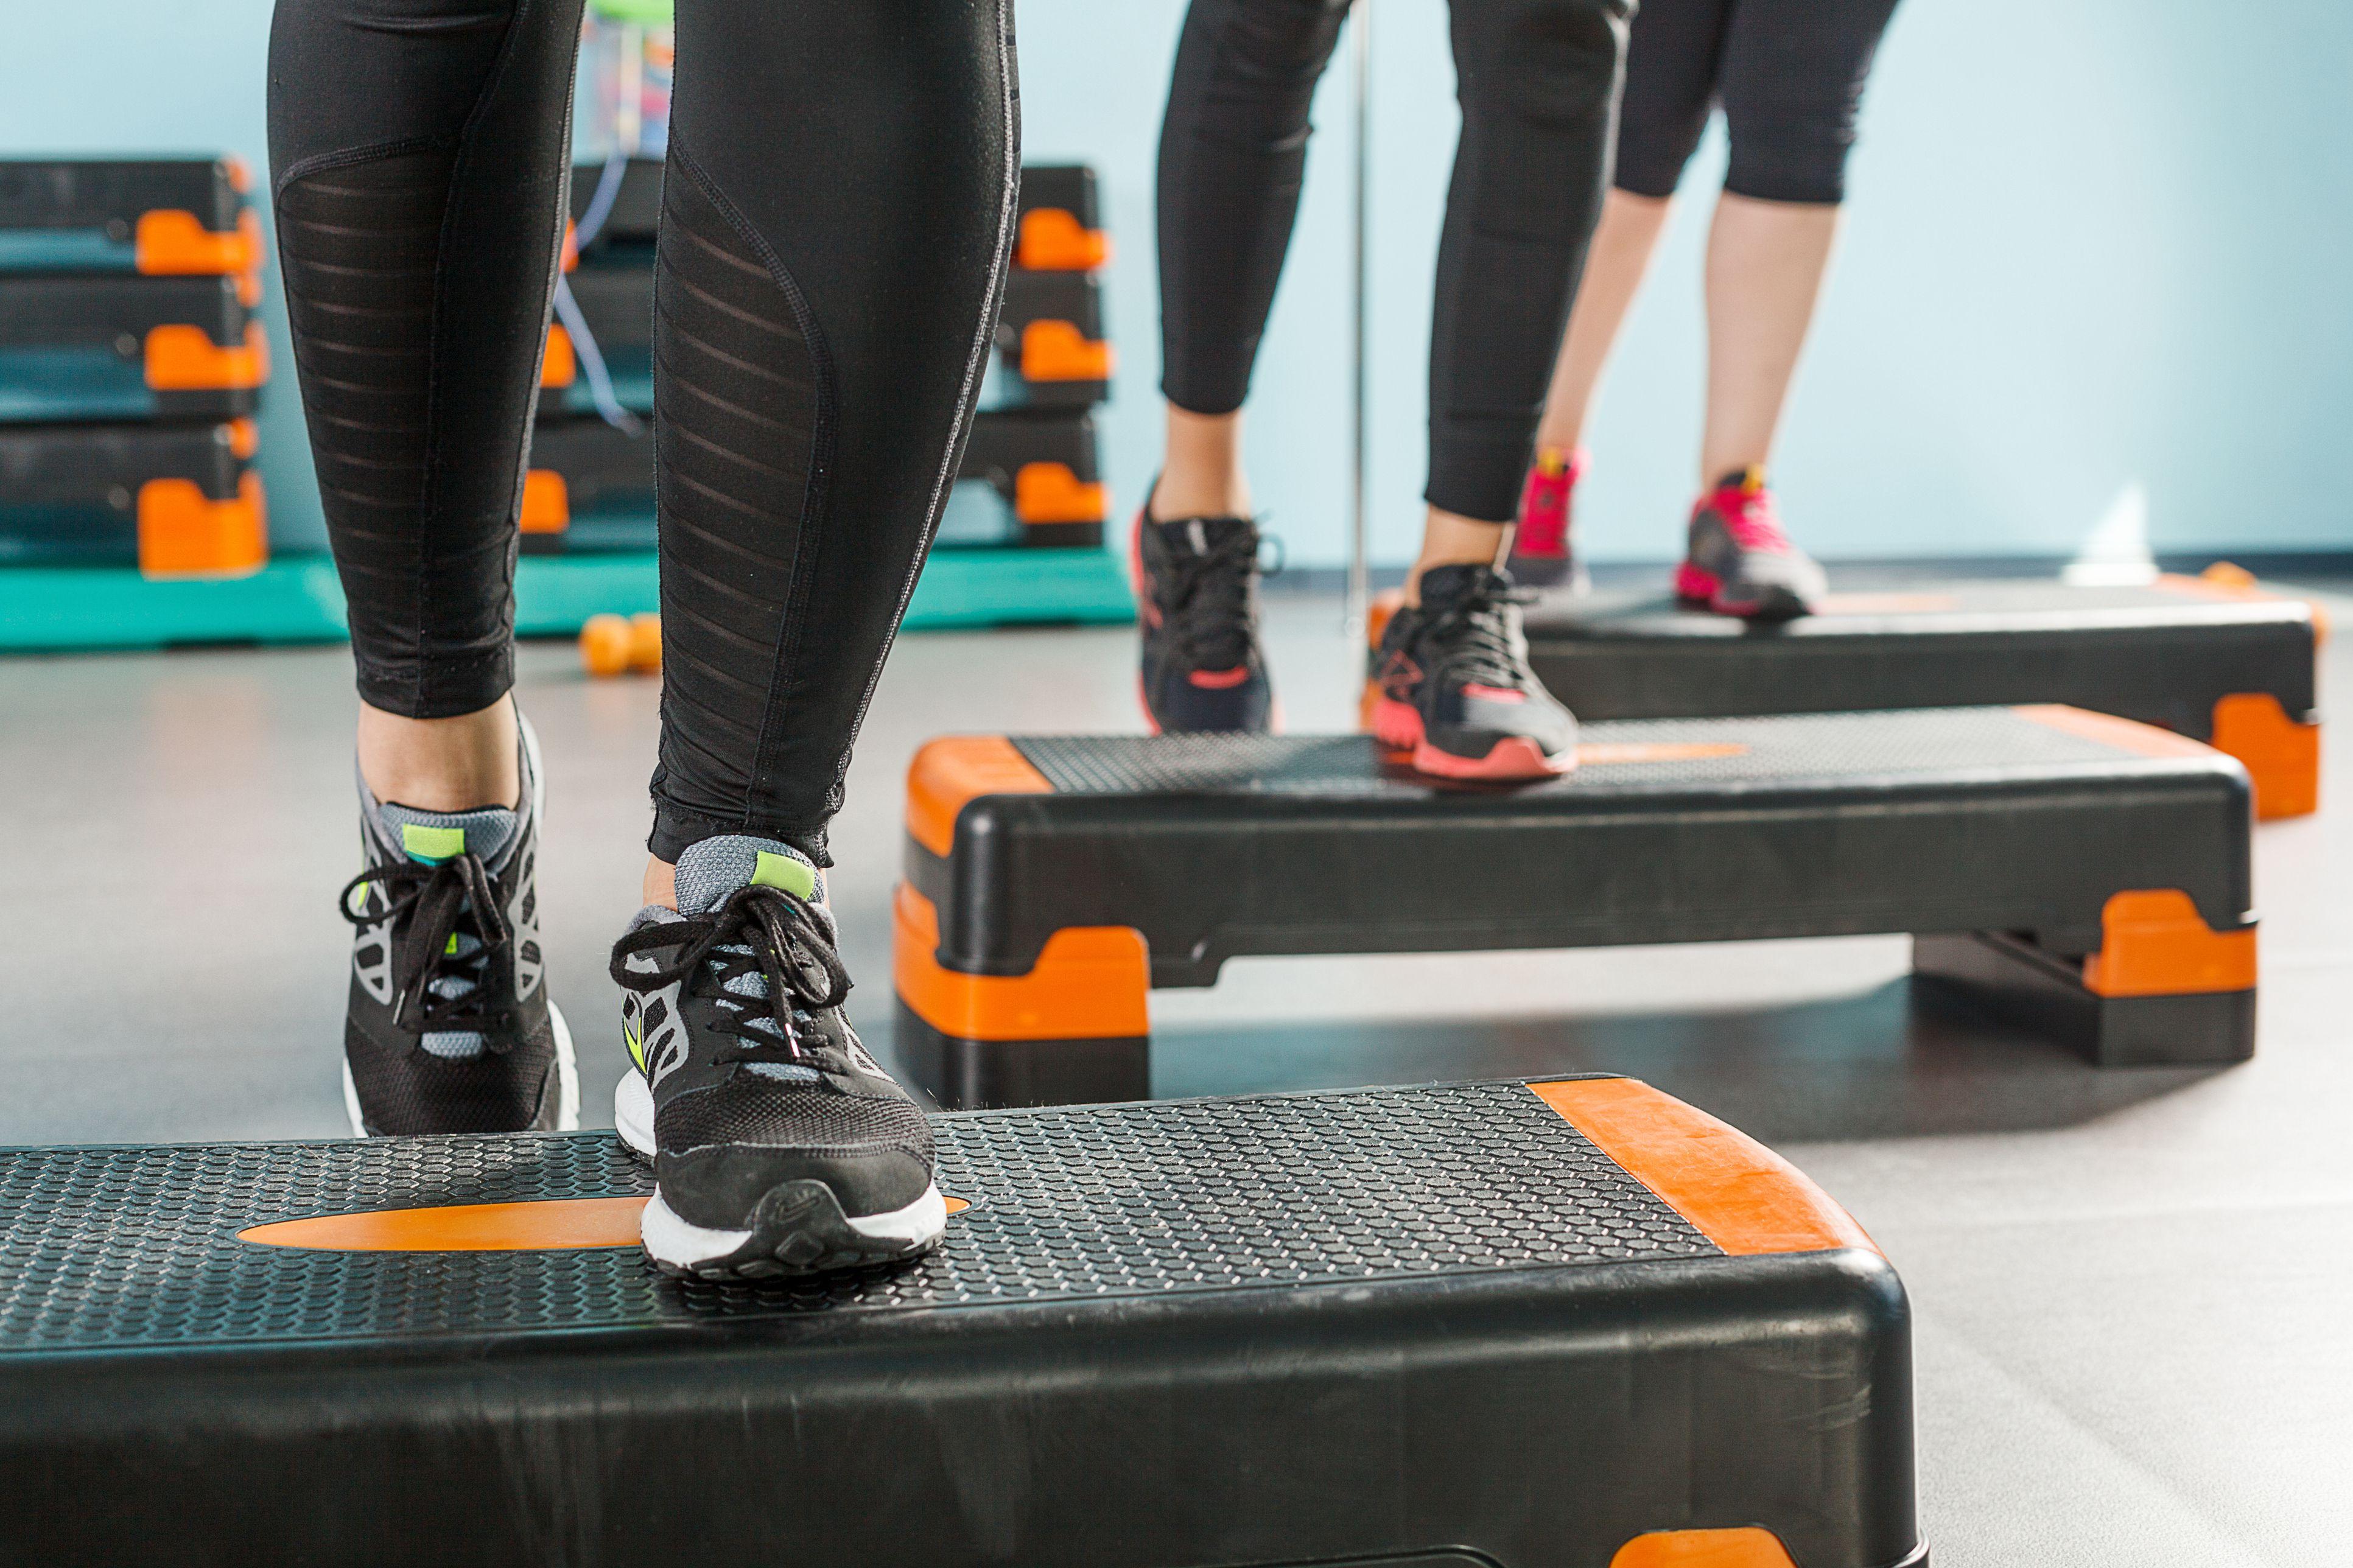 primer plano de las piernas de tres mujeres subiendo a un escalón de ejercicio